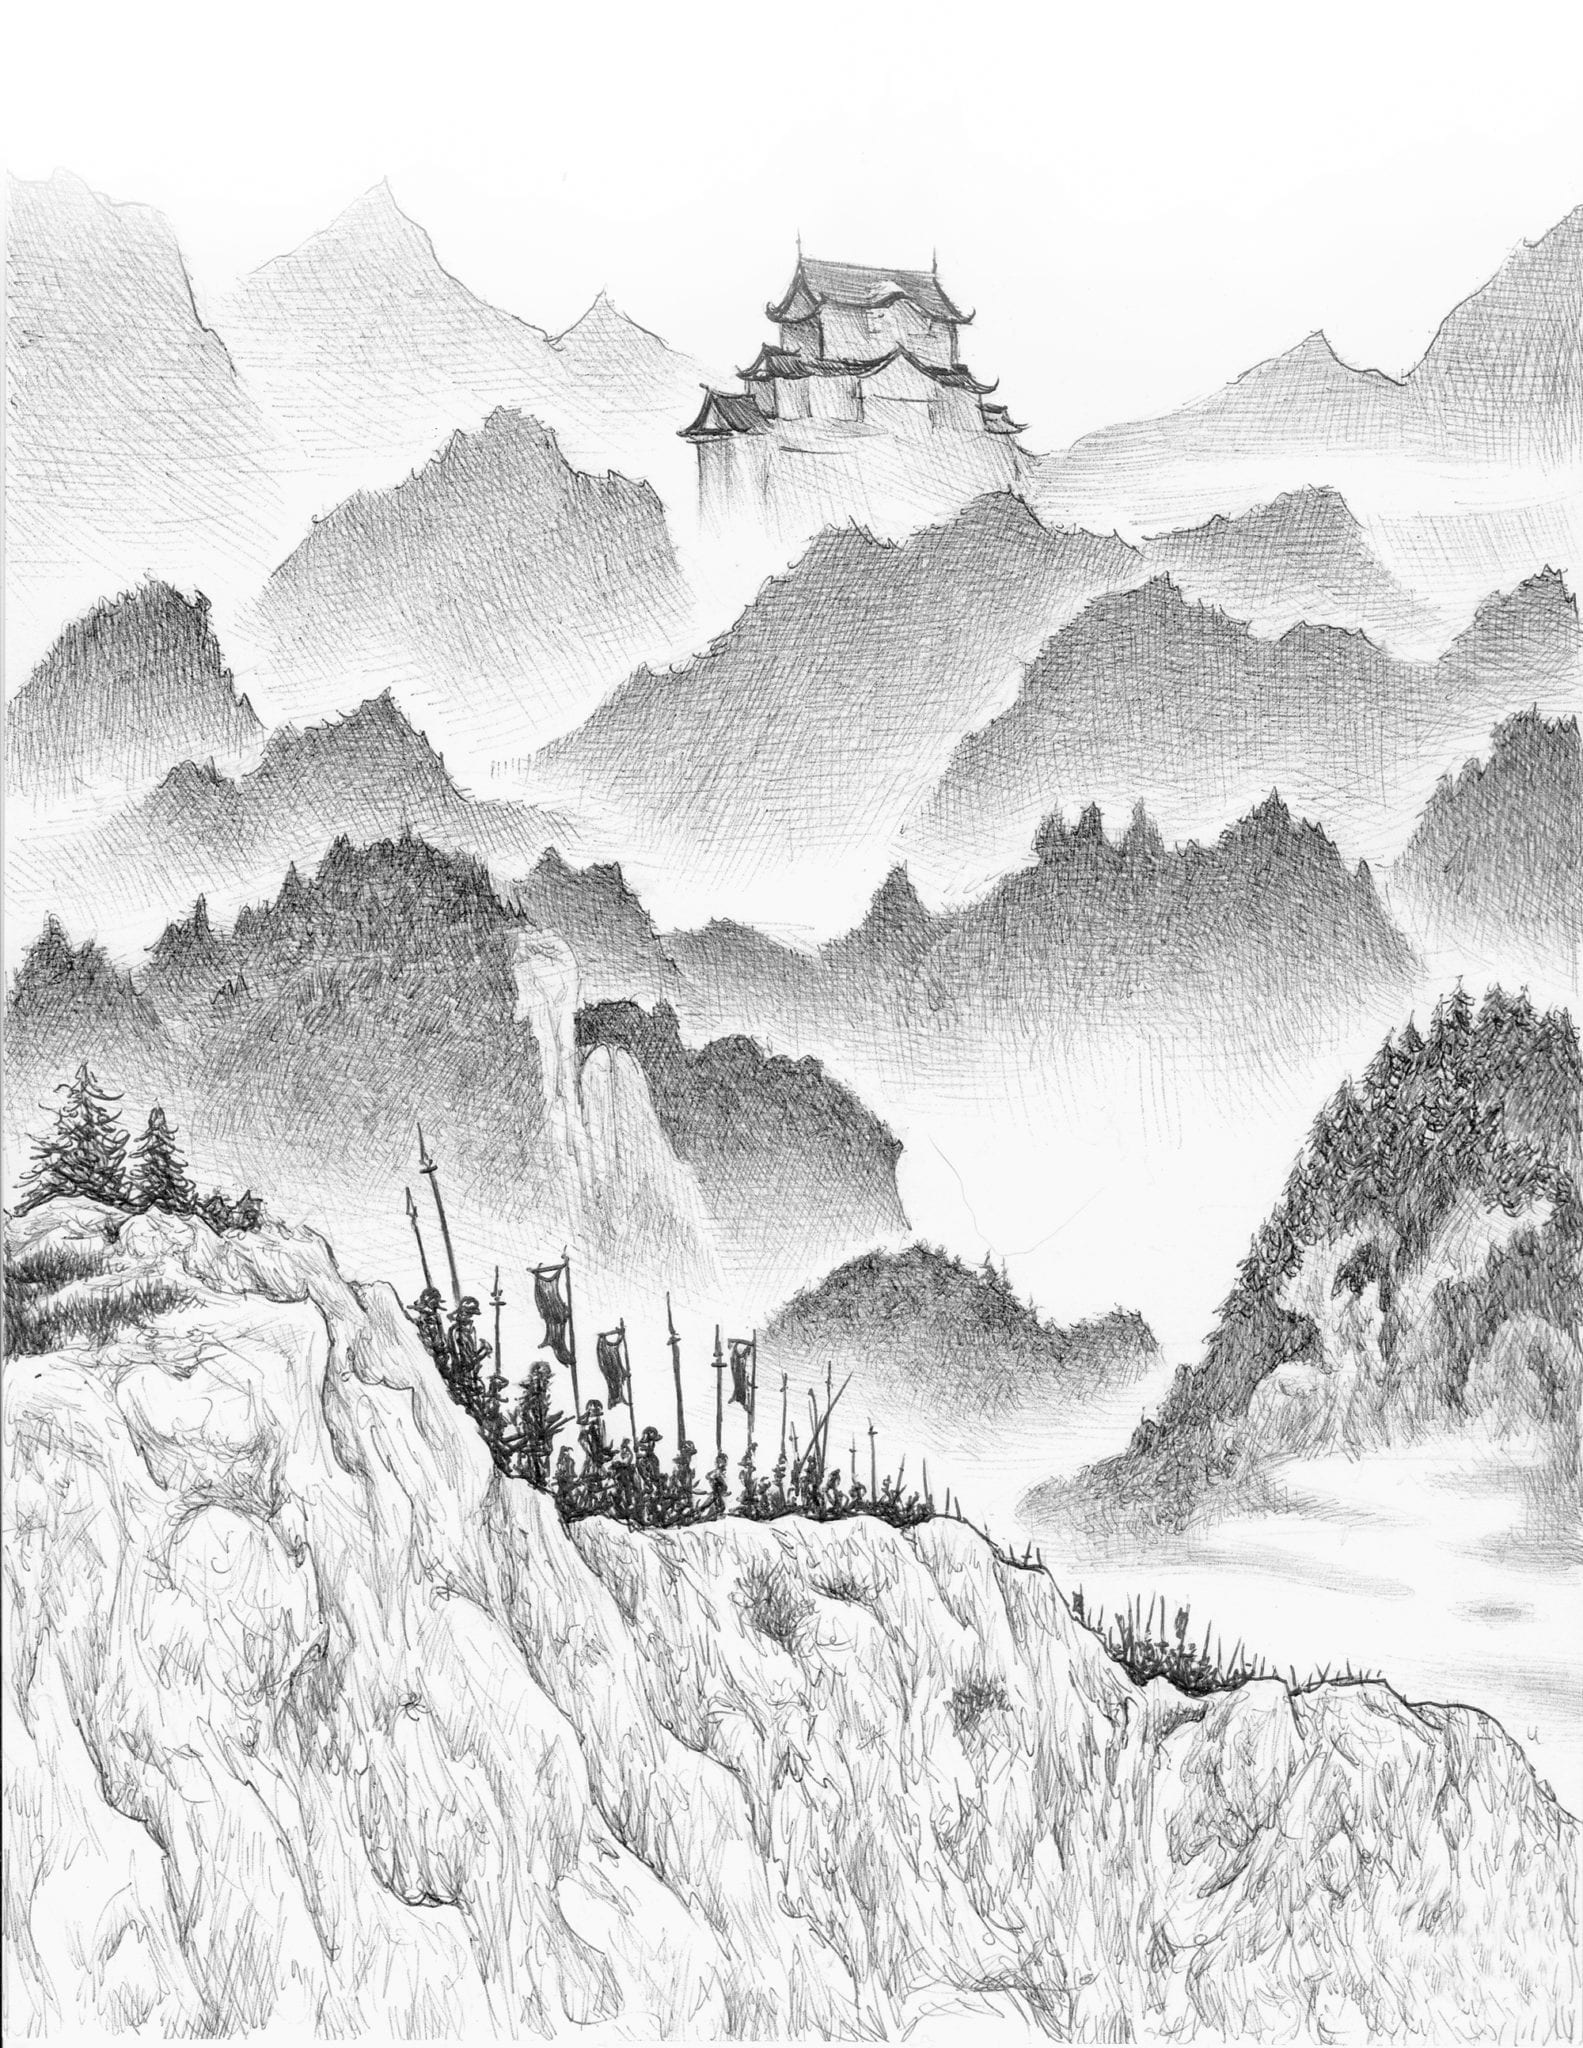 Samurai March by Dan Moran